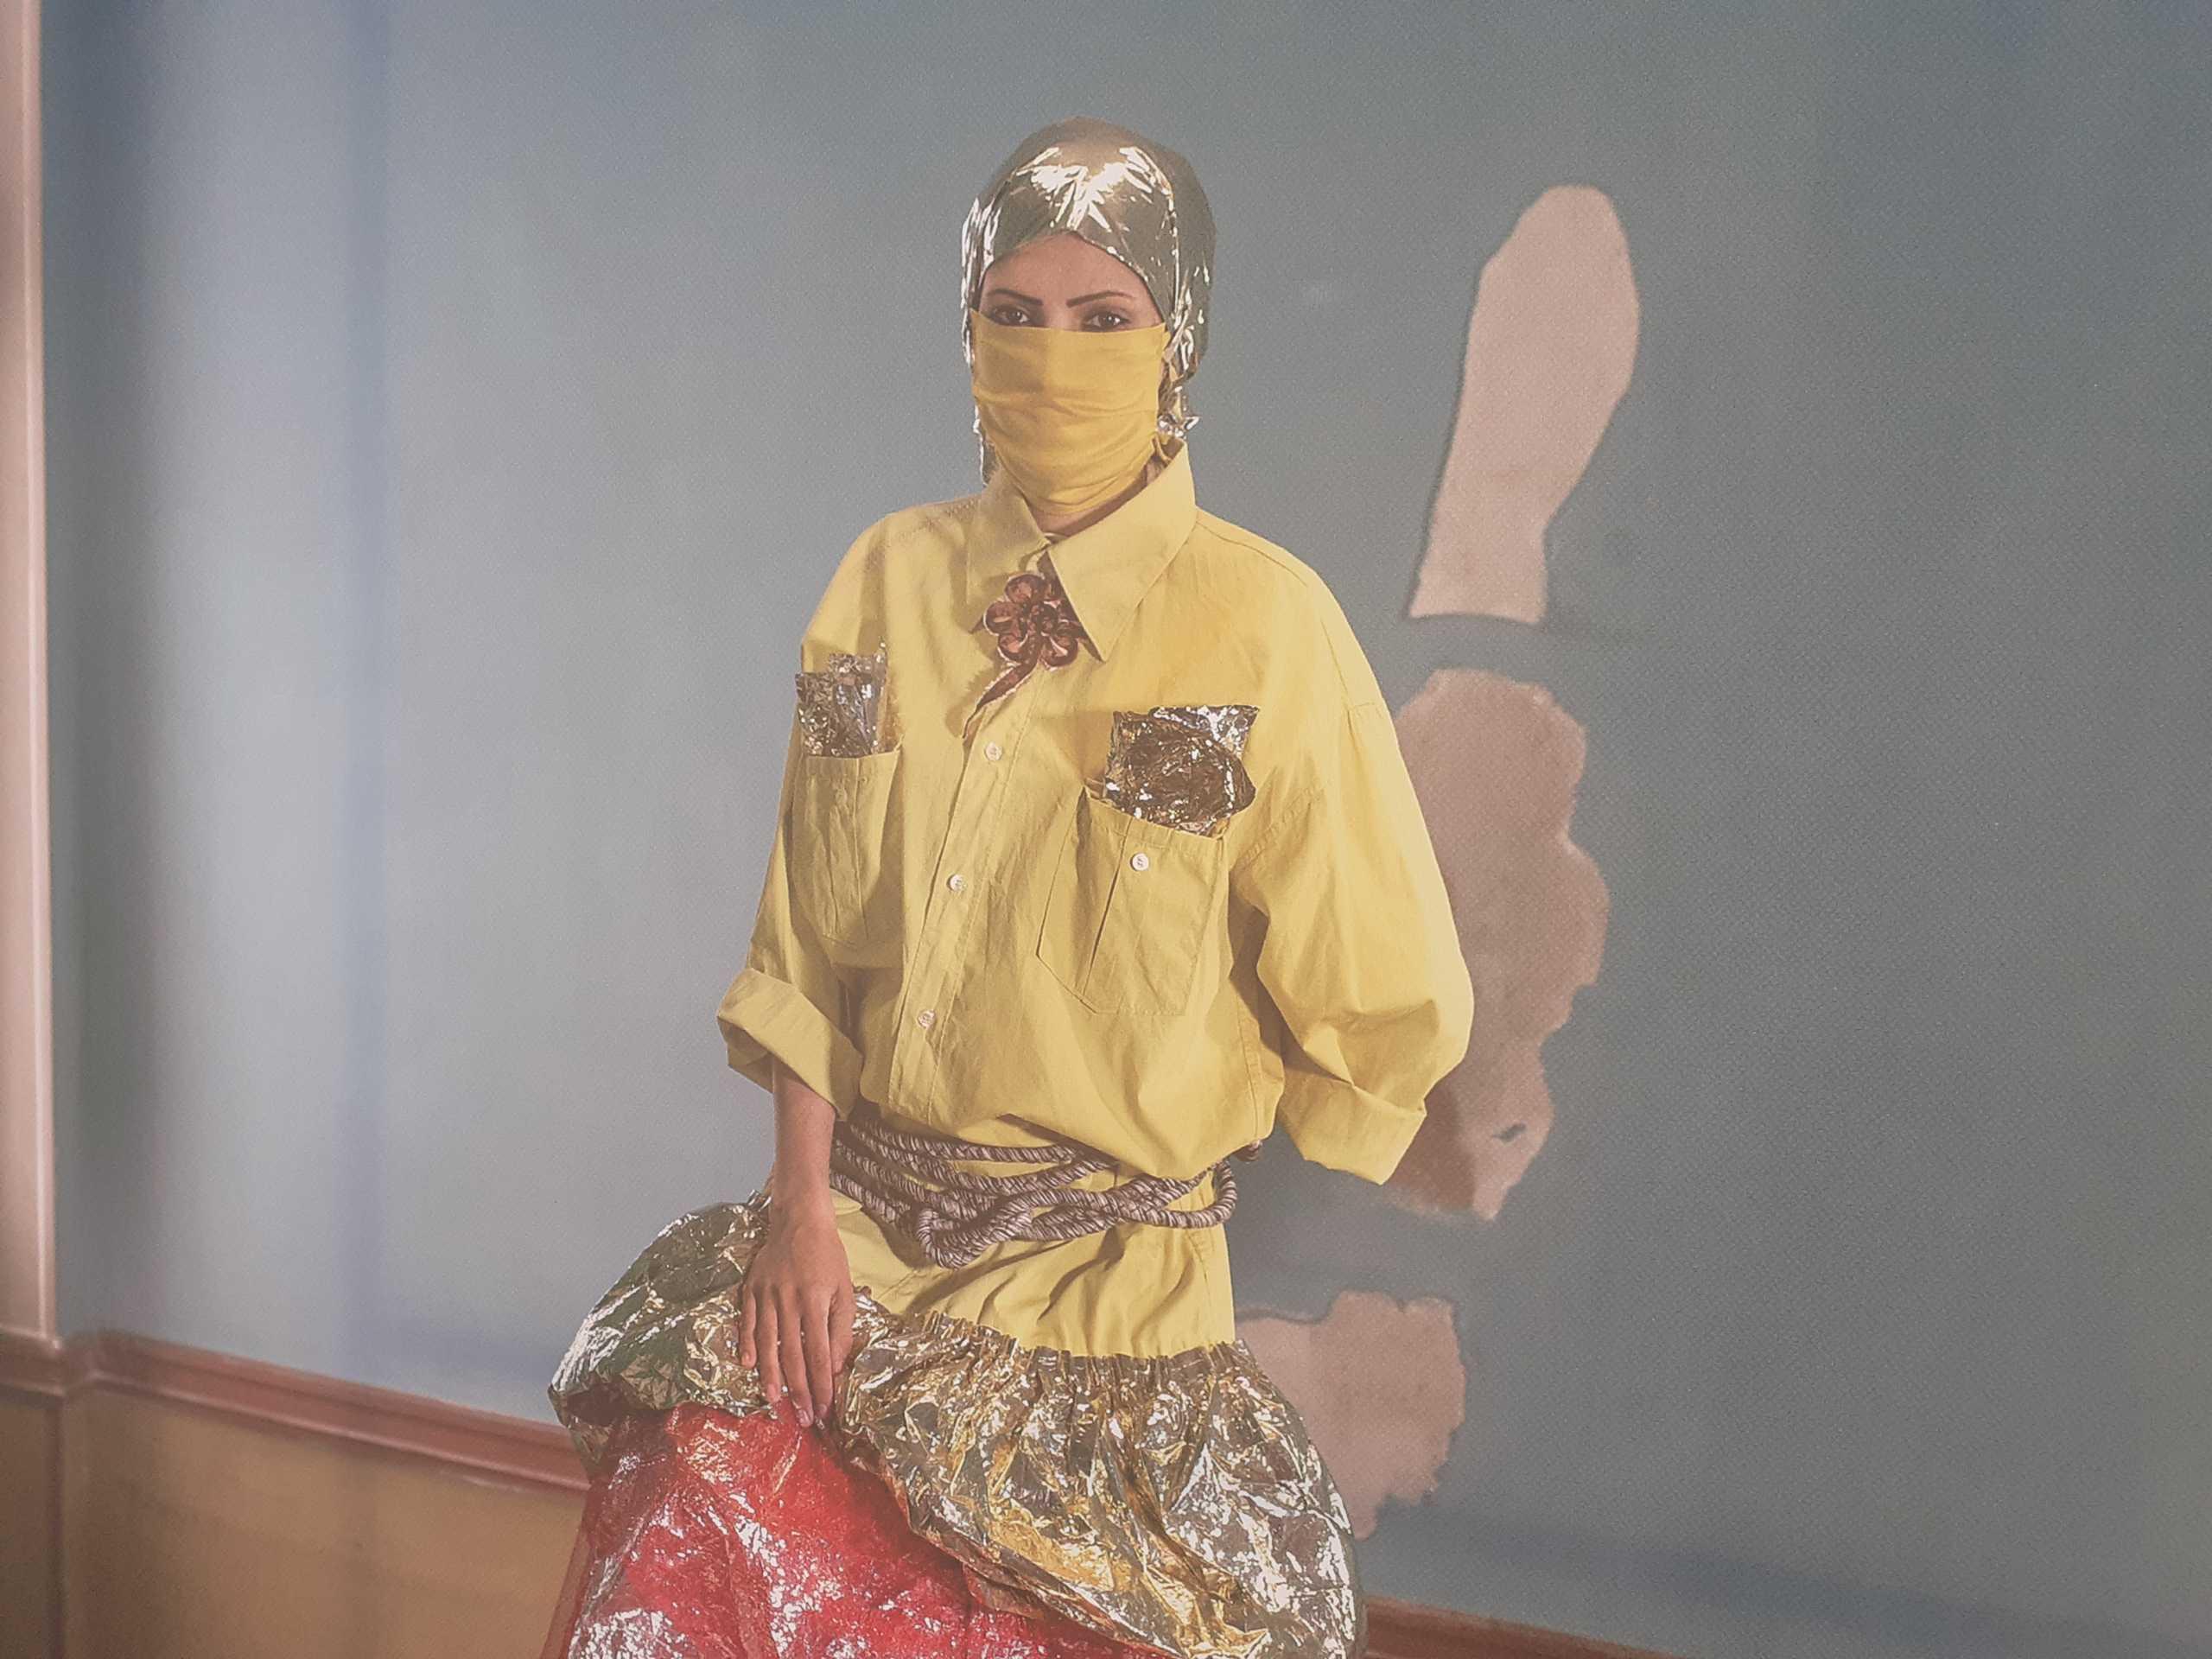 Γιάννενα: Το πορτρέτα της τόλμης και του θάρρους – Γυναίκες που γύρισαν σελίδα μετά την κακοποίησή τους